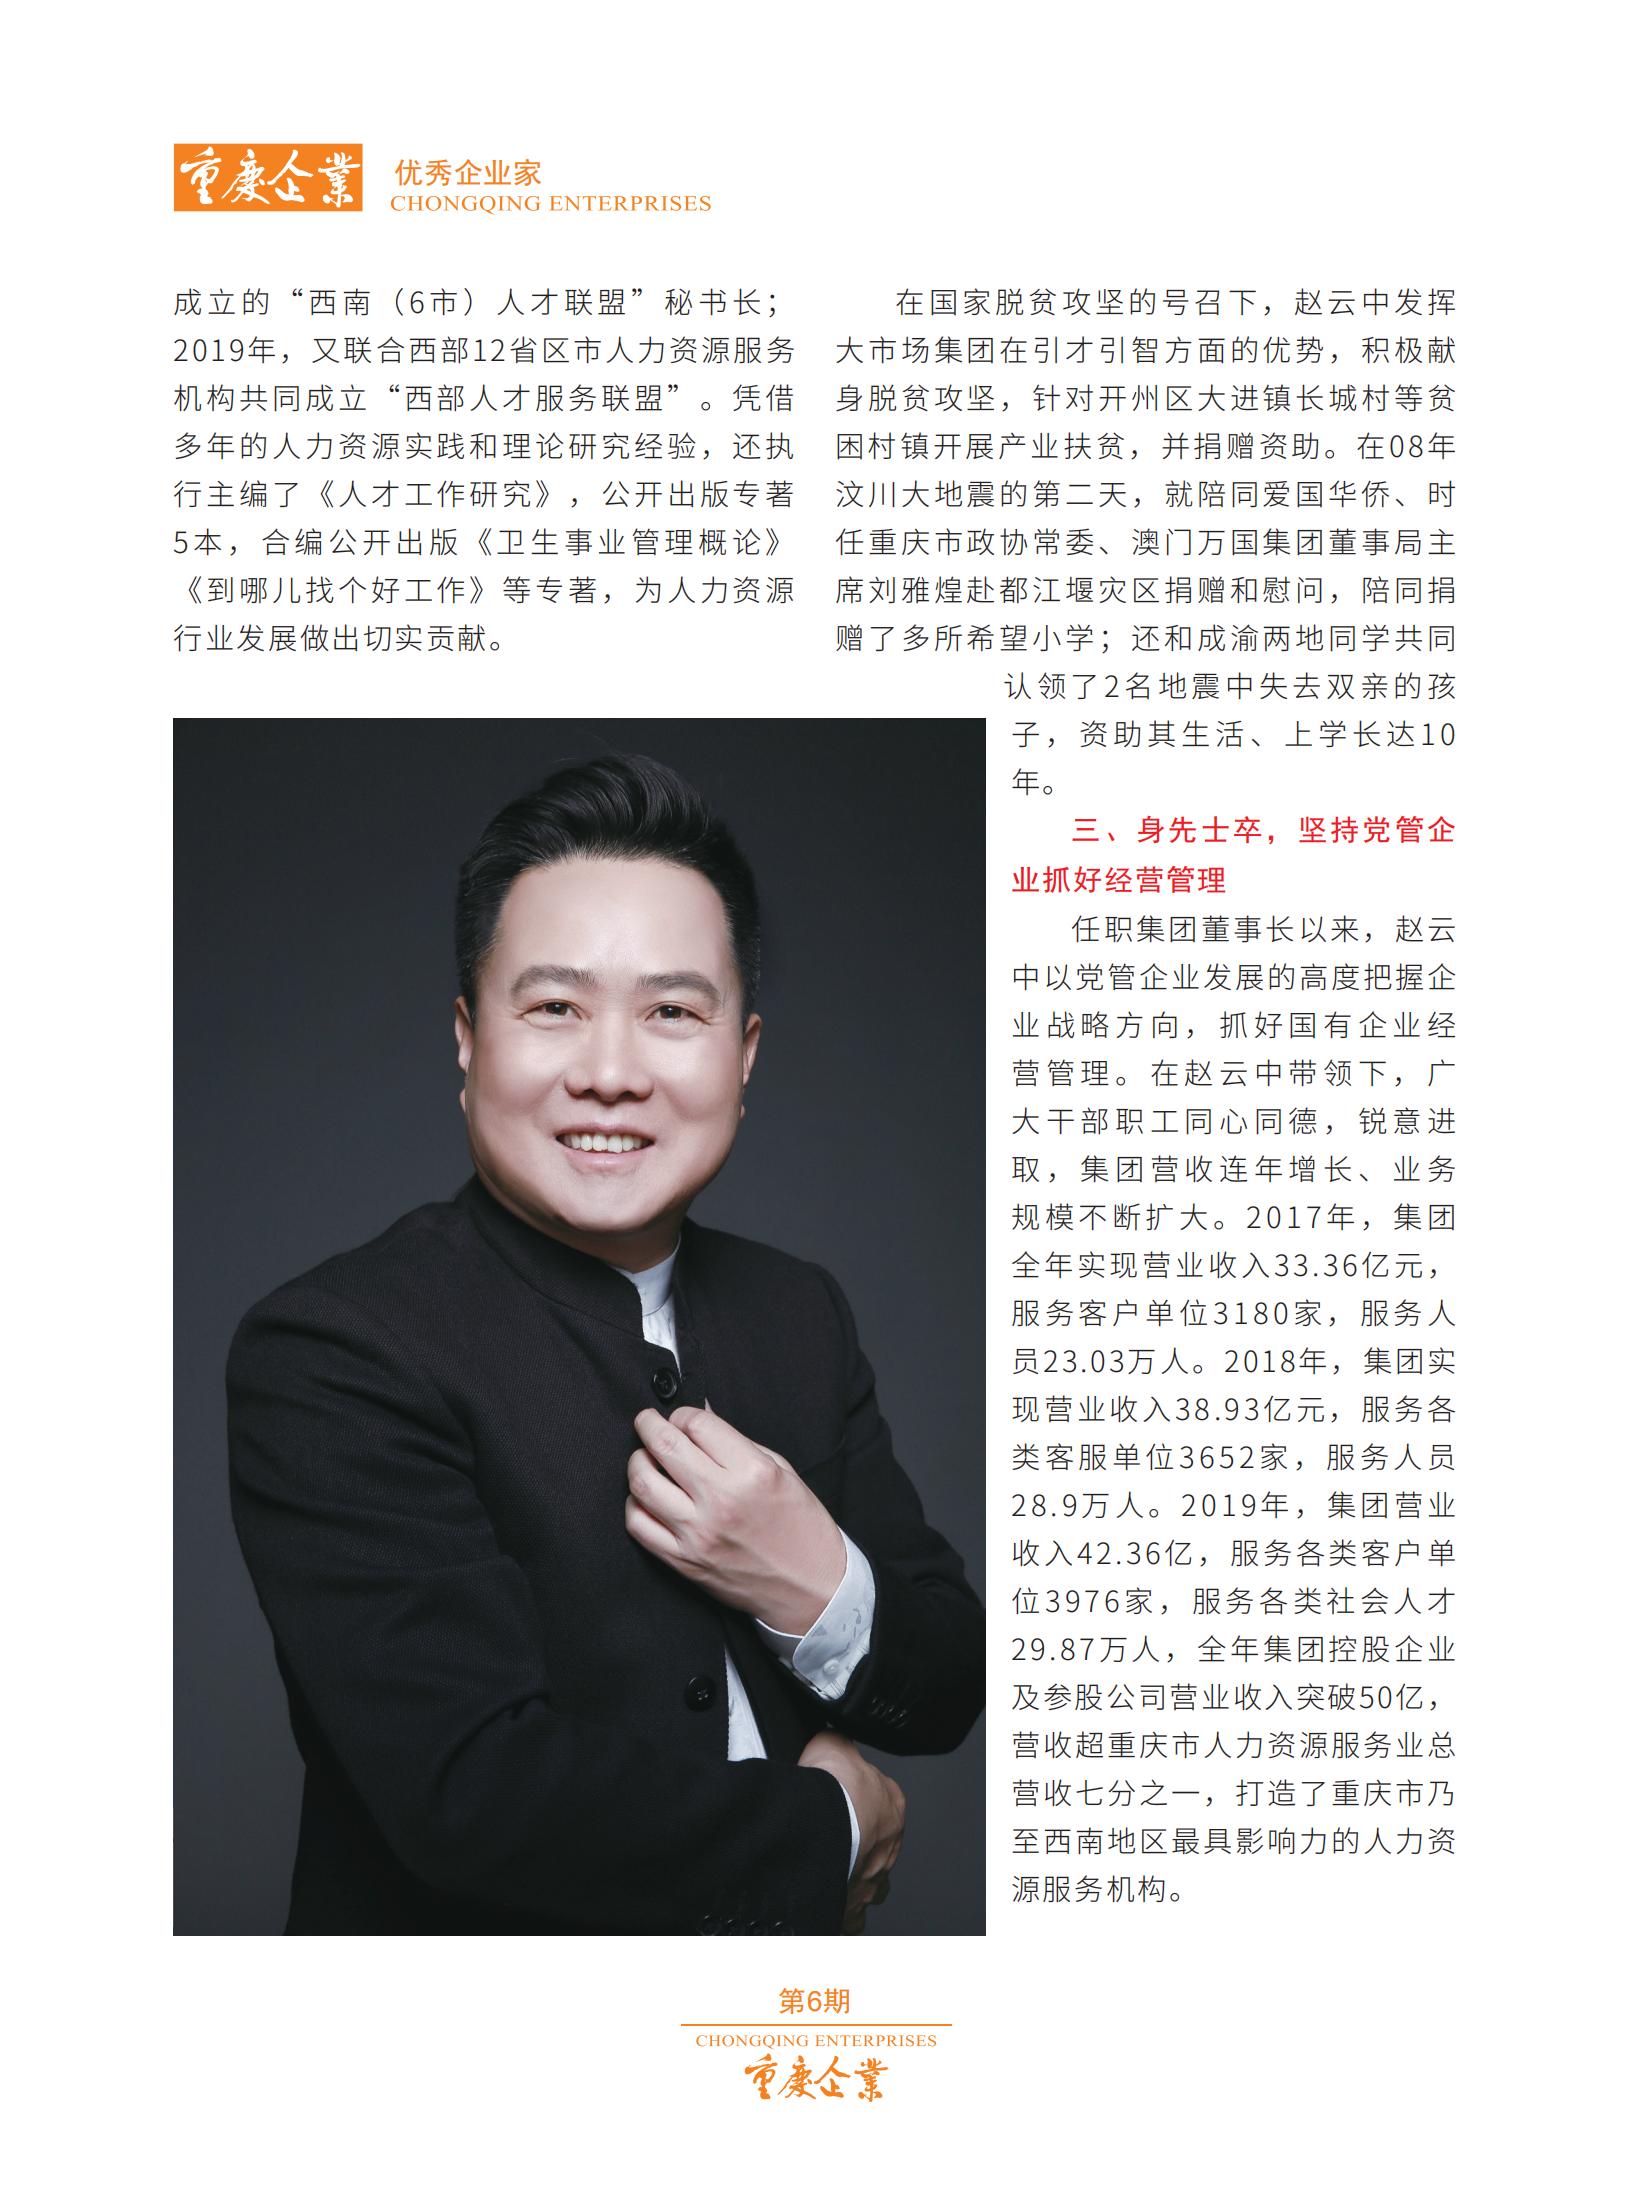 趙云中 (2).png